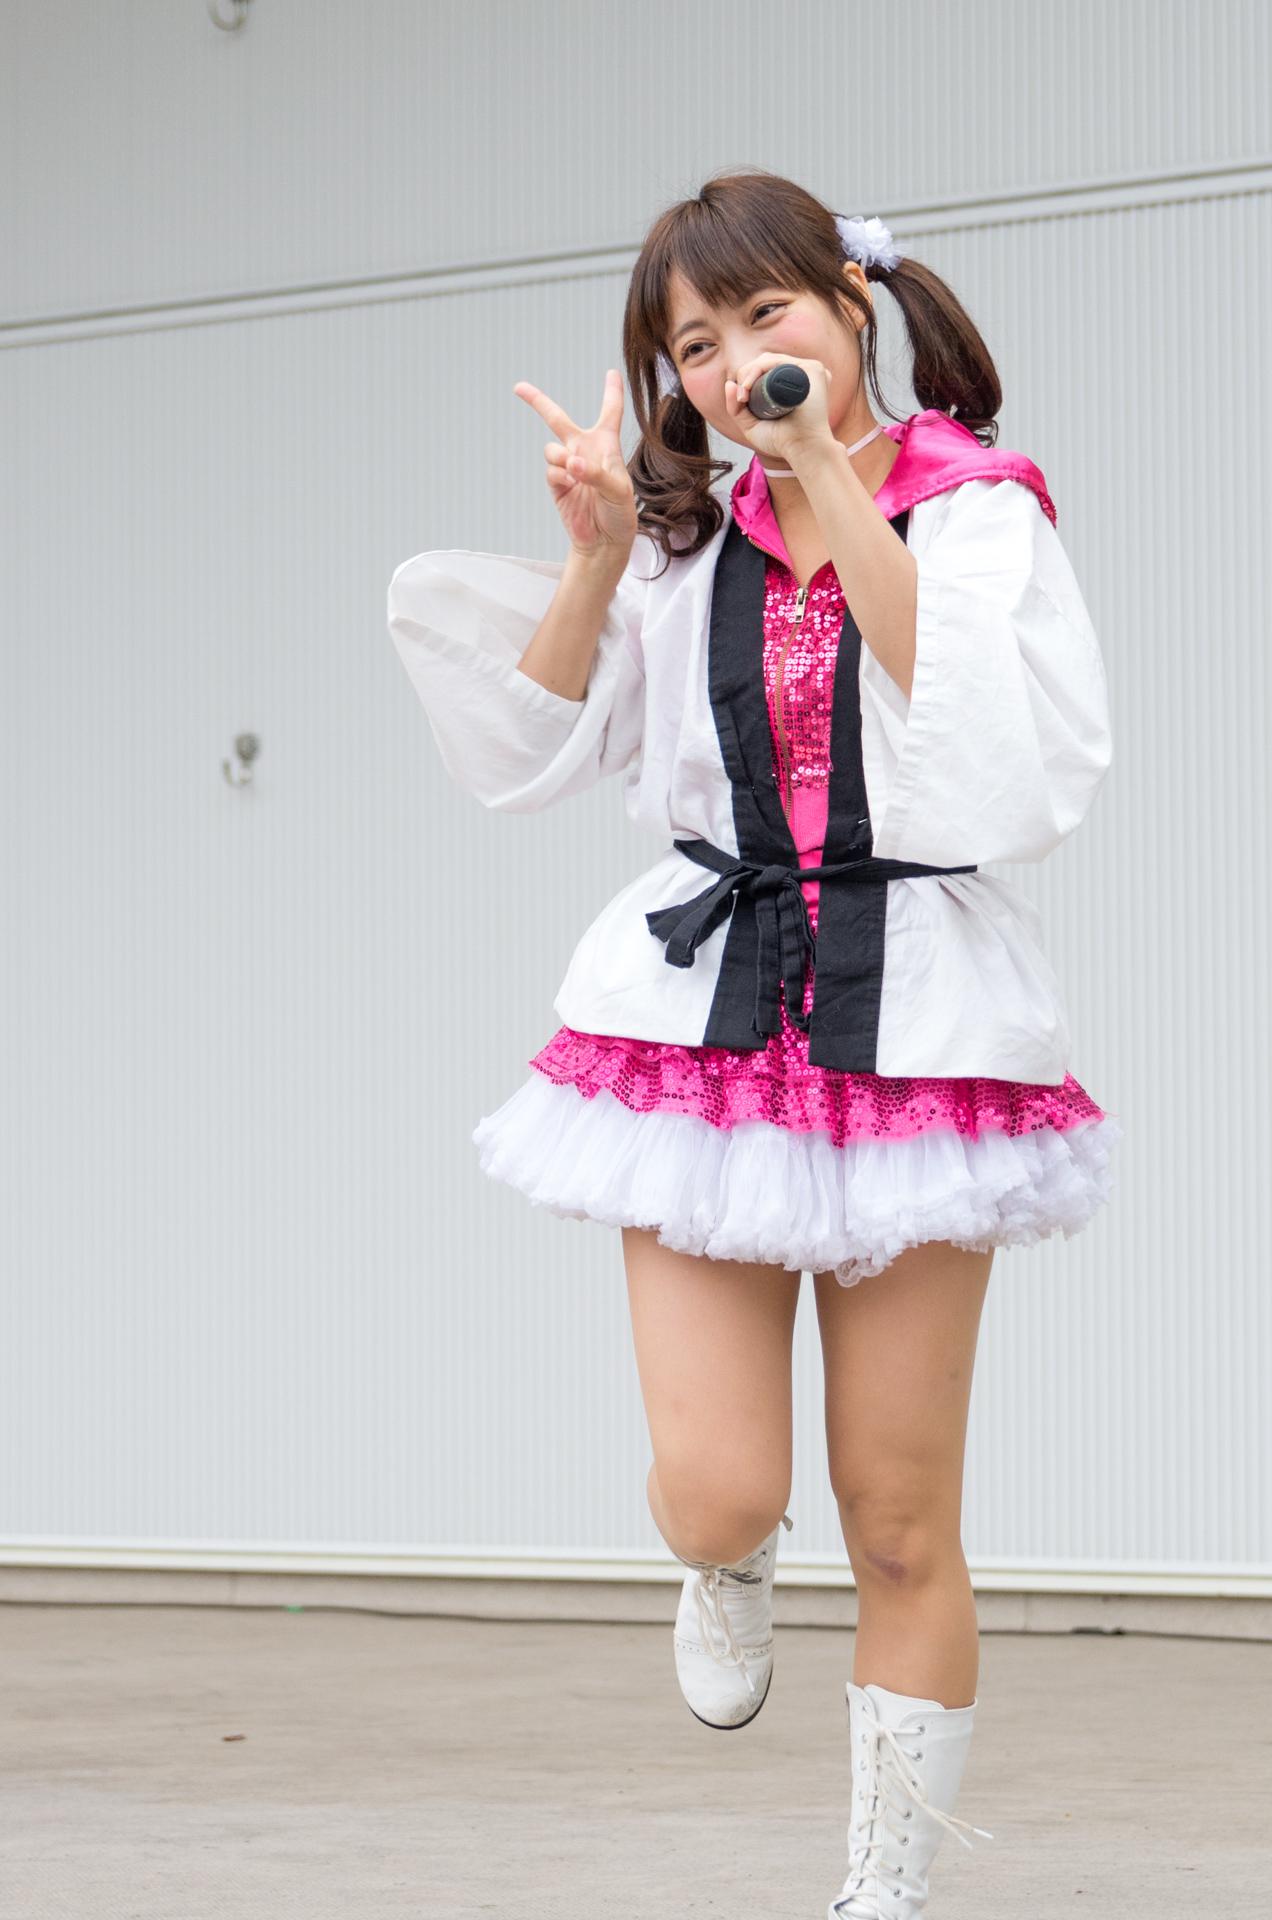 2代目HAPPY少女♪ ゆいな ( 宮崎ゆいな ) | アイドルライブ in 円山動物園